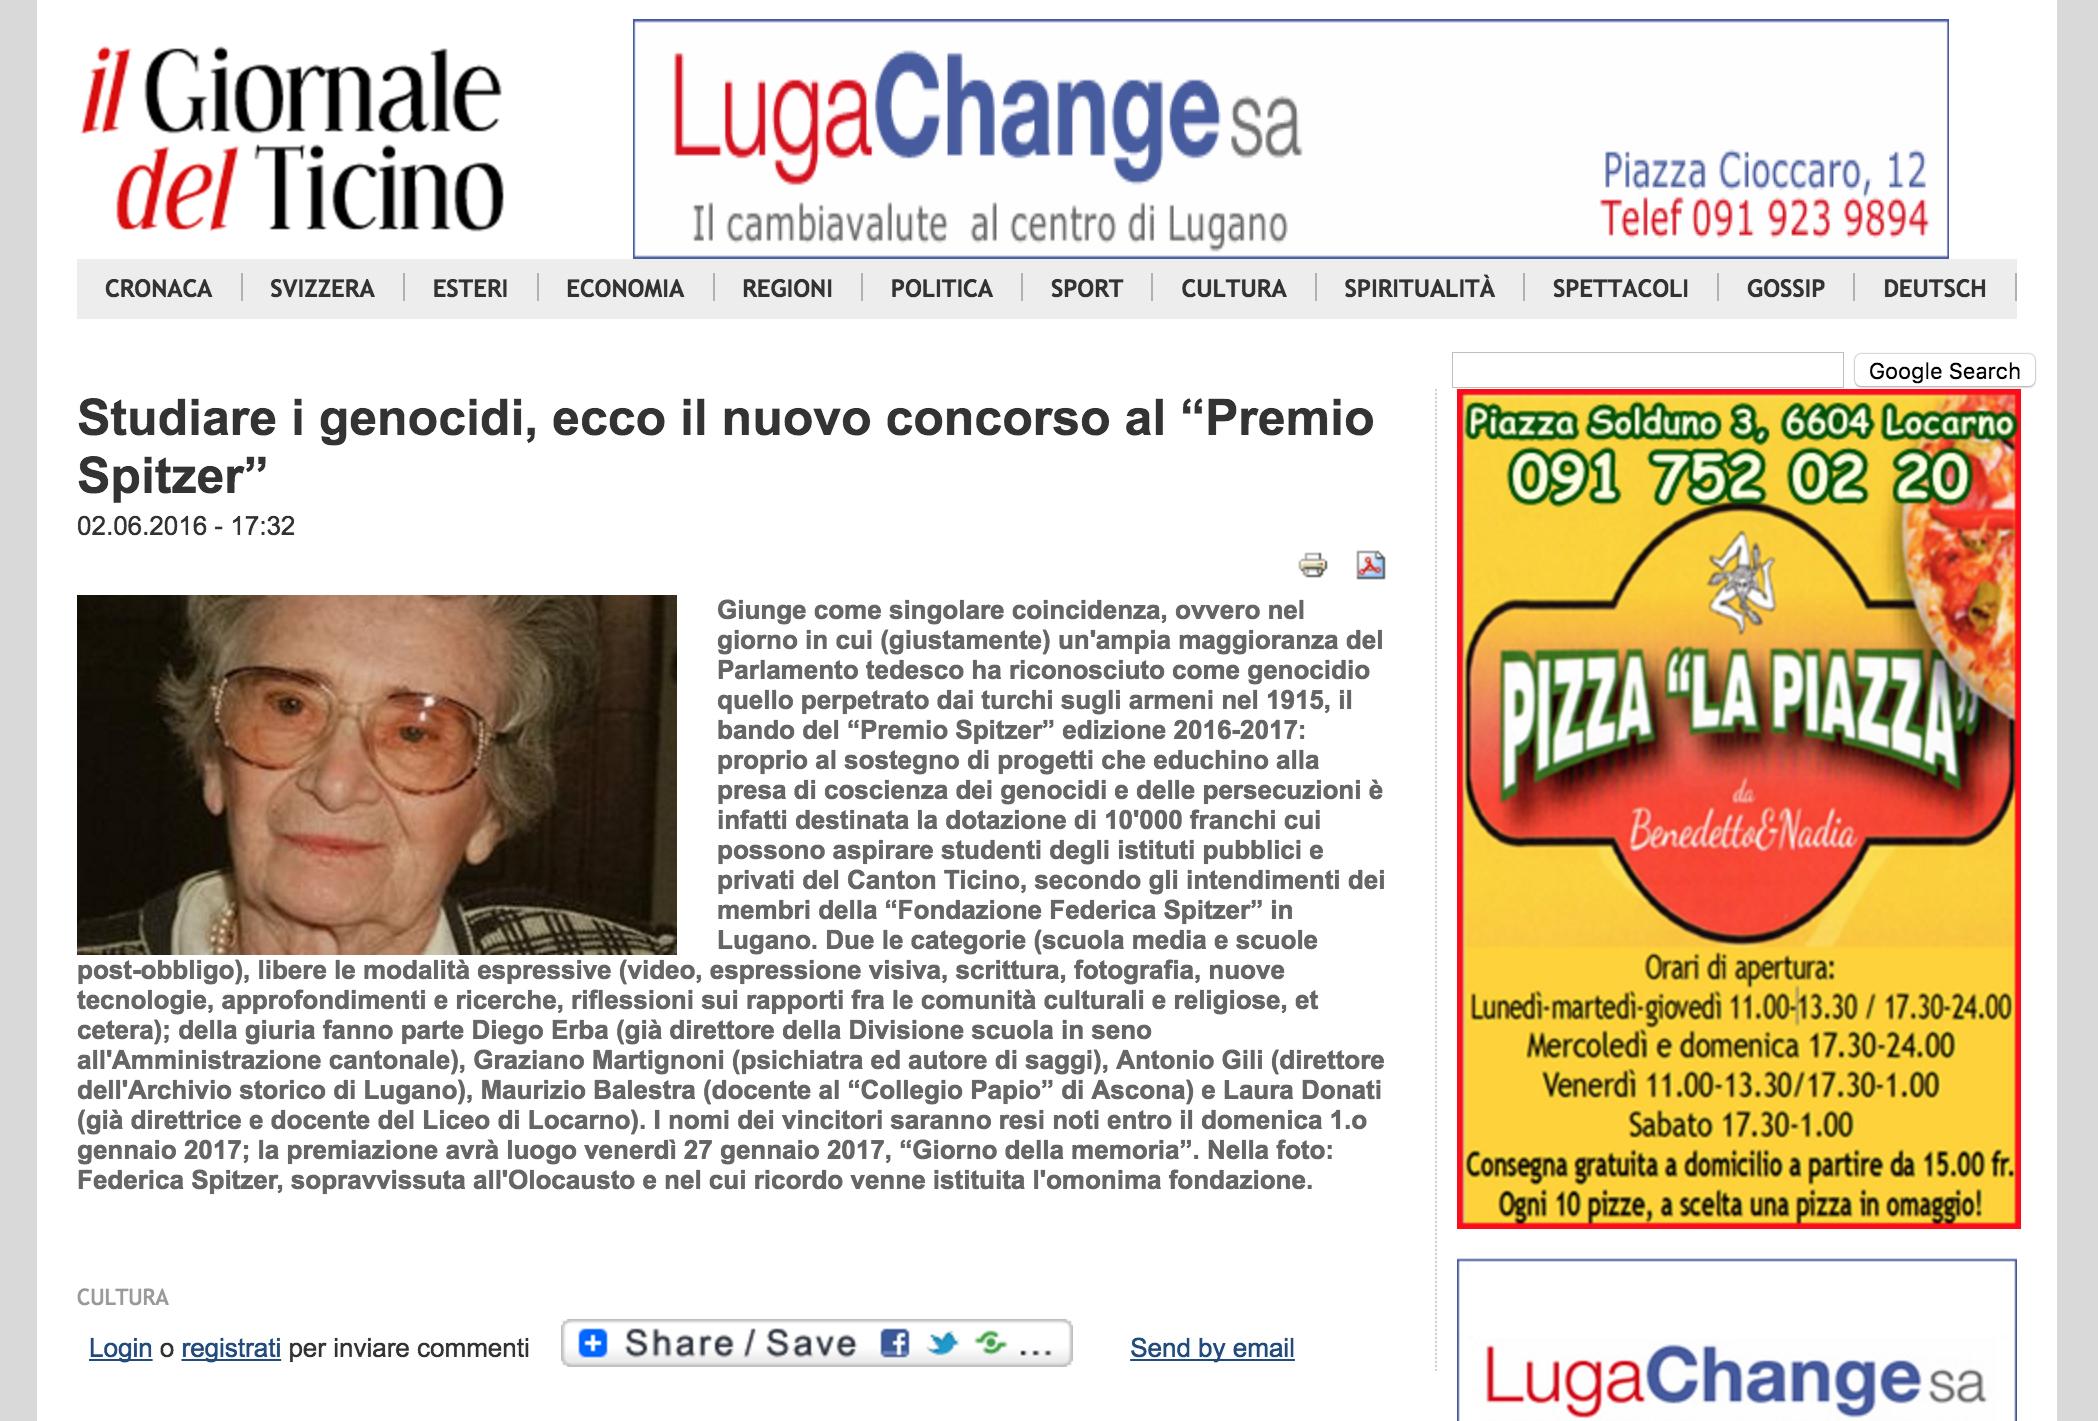 02.06.16 - Giornale del Ticino